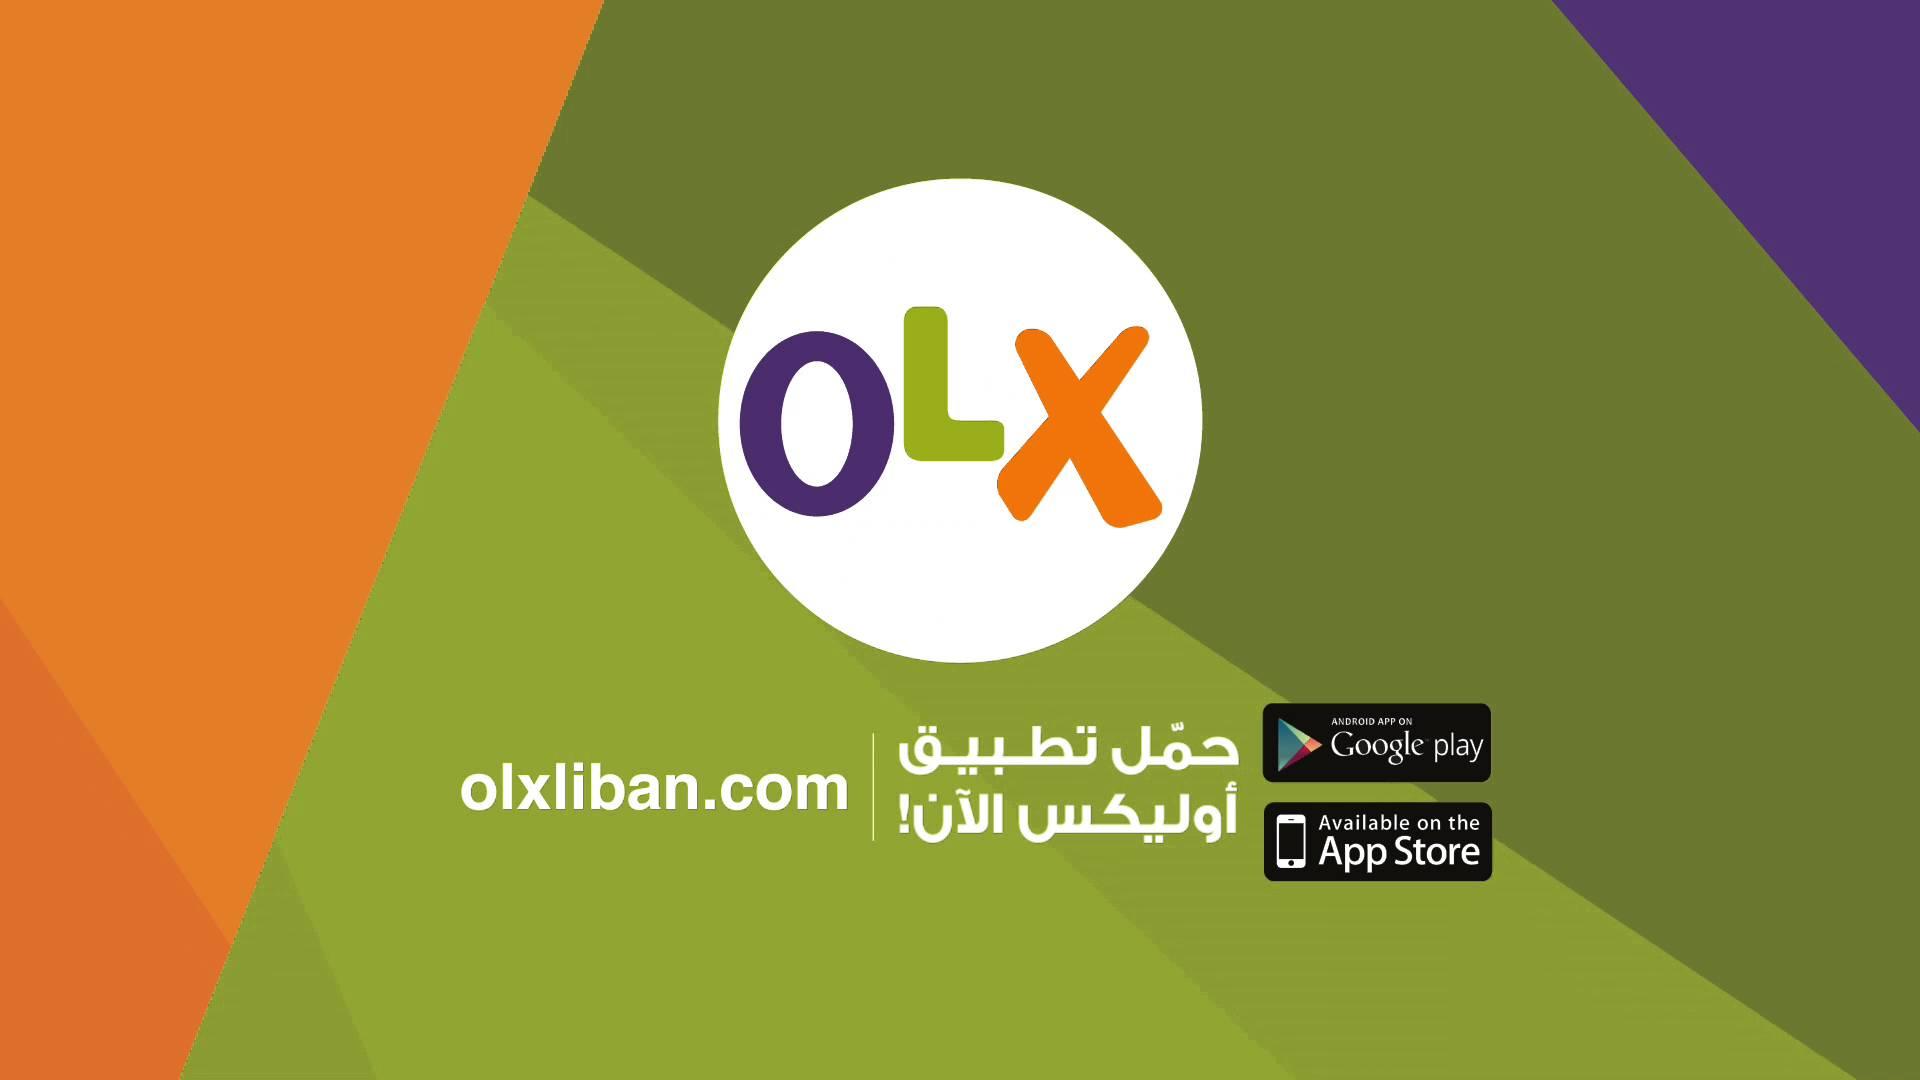 تحميل تطبيق اوليكس للاندرويد والايفون مجانا برابط مباشر - OLX Arabia